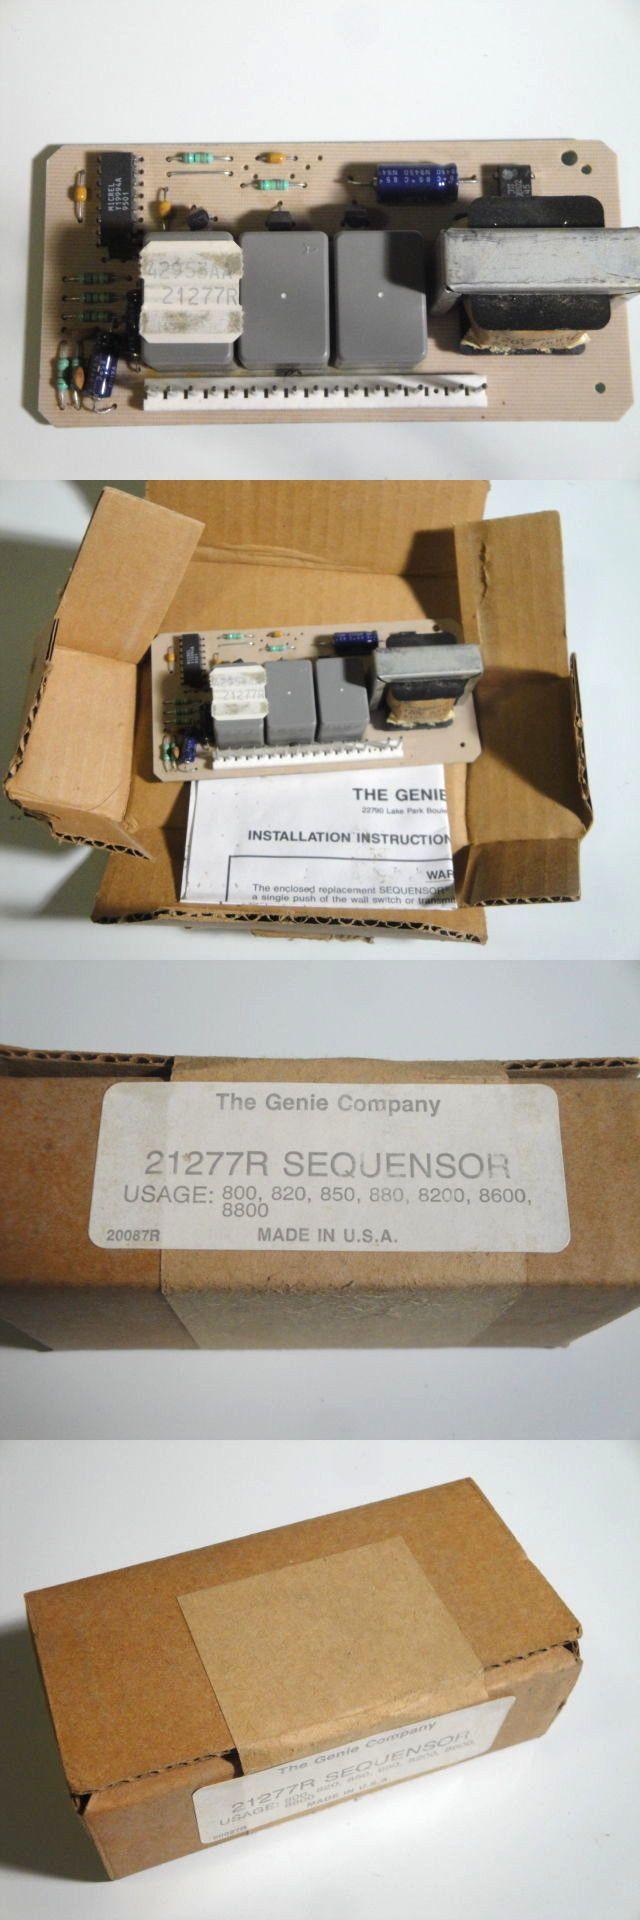 Other Garage Door Equipment 180973: Brand New Genie Garage Door Opener Sequensor Logic Board 21277R Alliance -> BUY IT NOW ONLY: $31.95 on eBay!